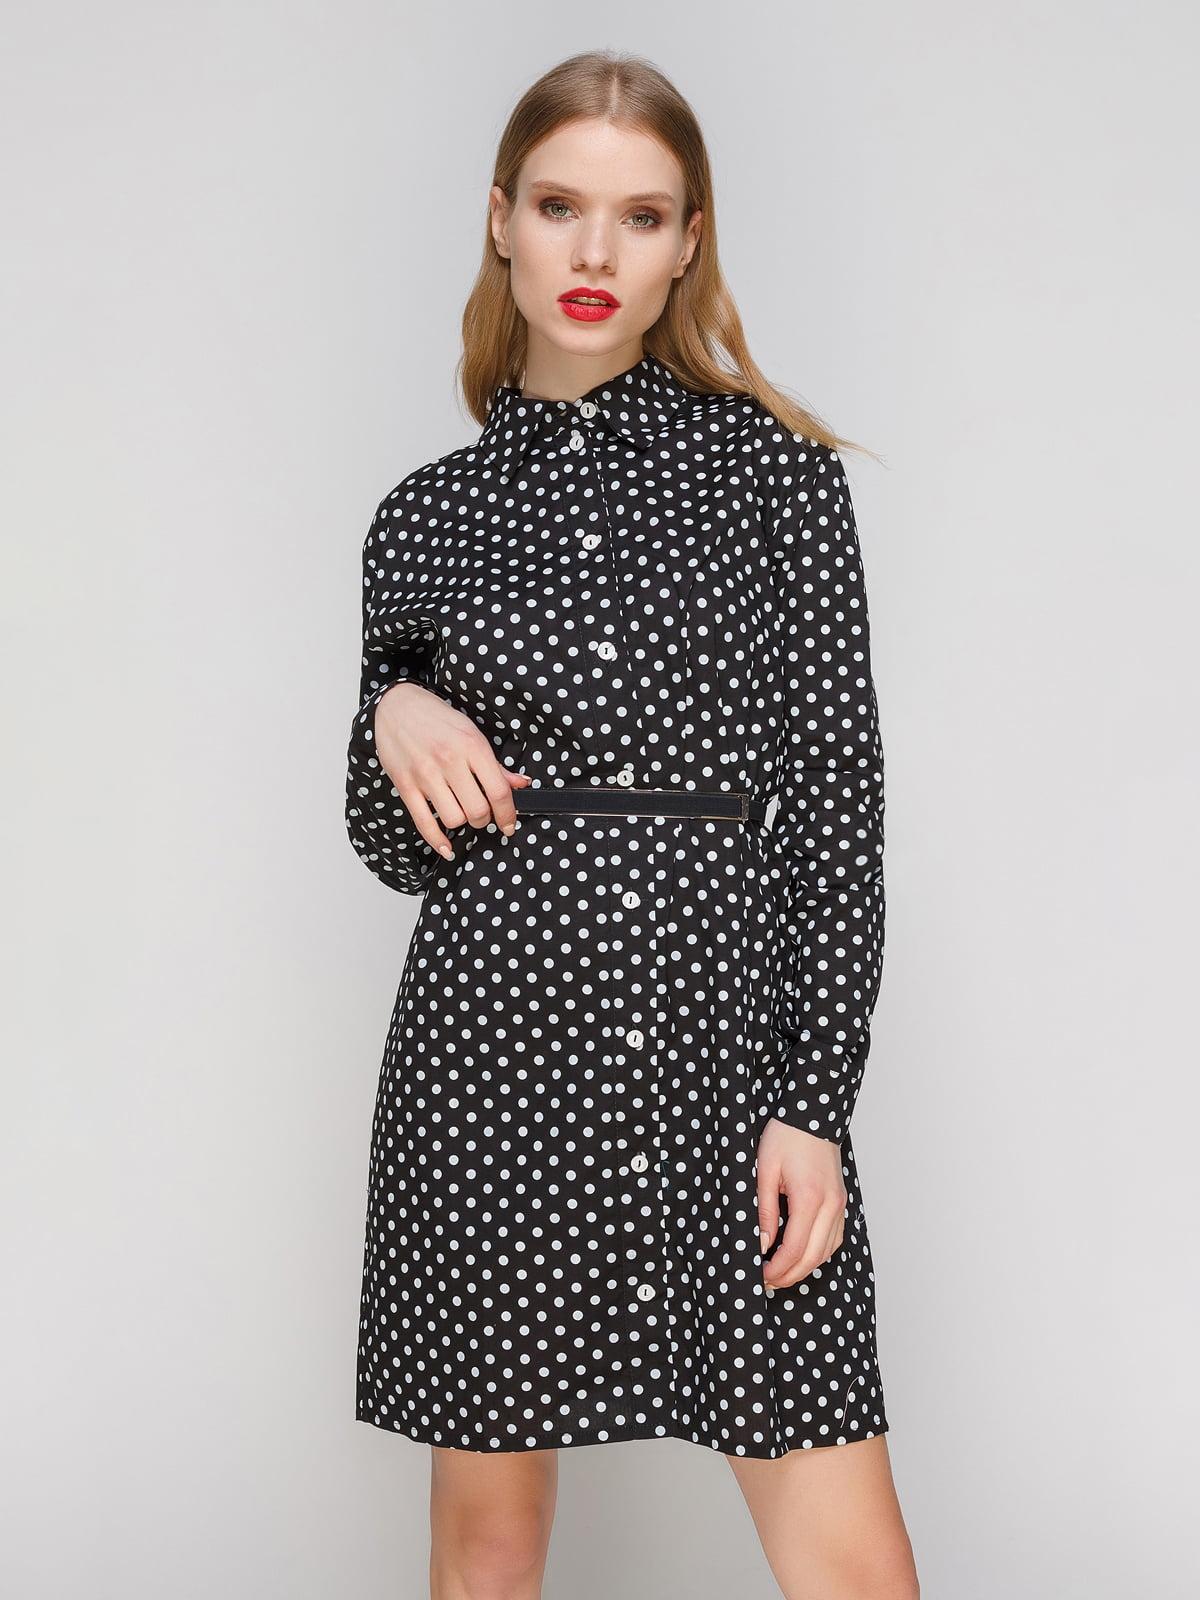 cd34f02133c Платье-рубашка черное в горох — CELEBRITY